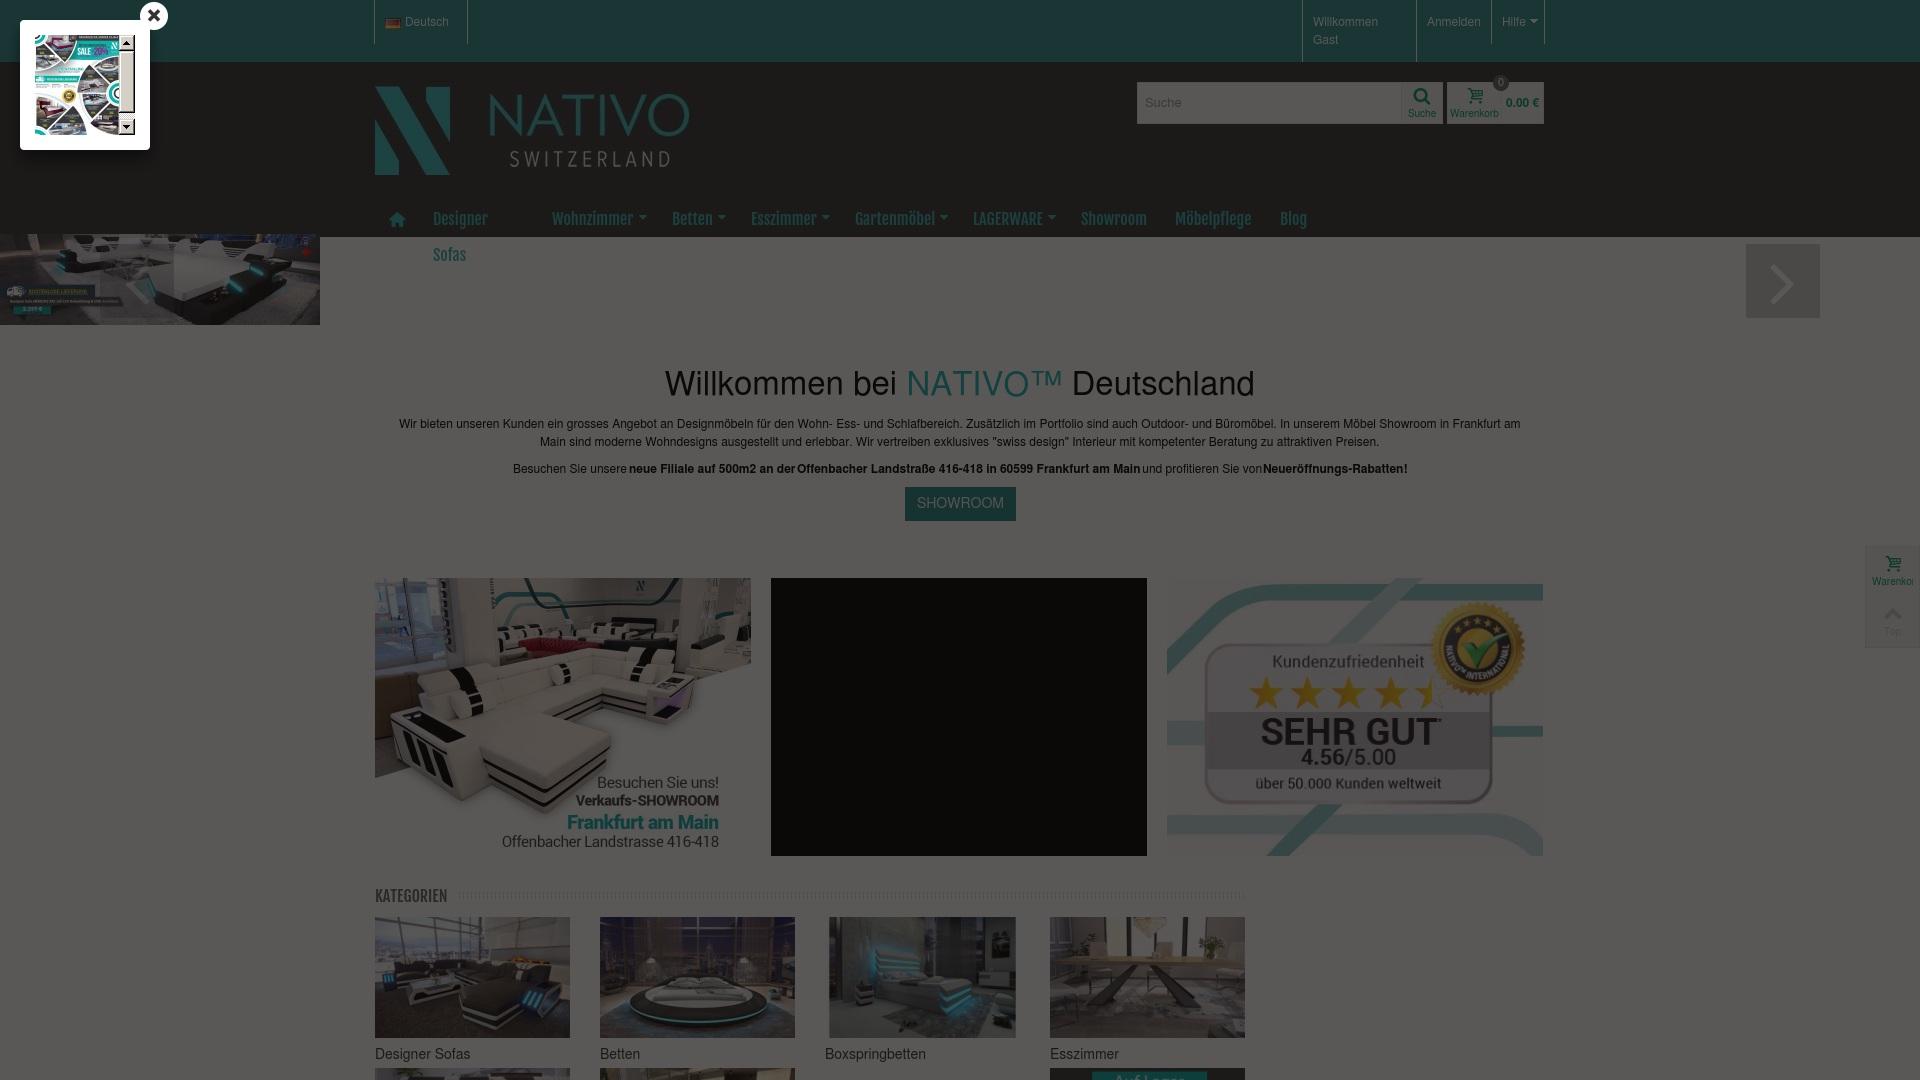 Gutschein für Nativo-moebel: Rabatte für  Nativo-moebel sichern